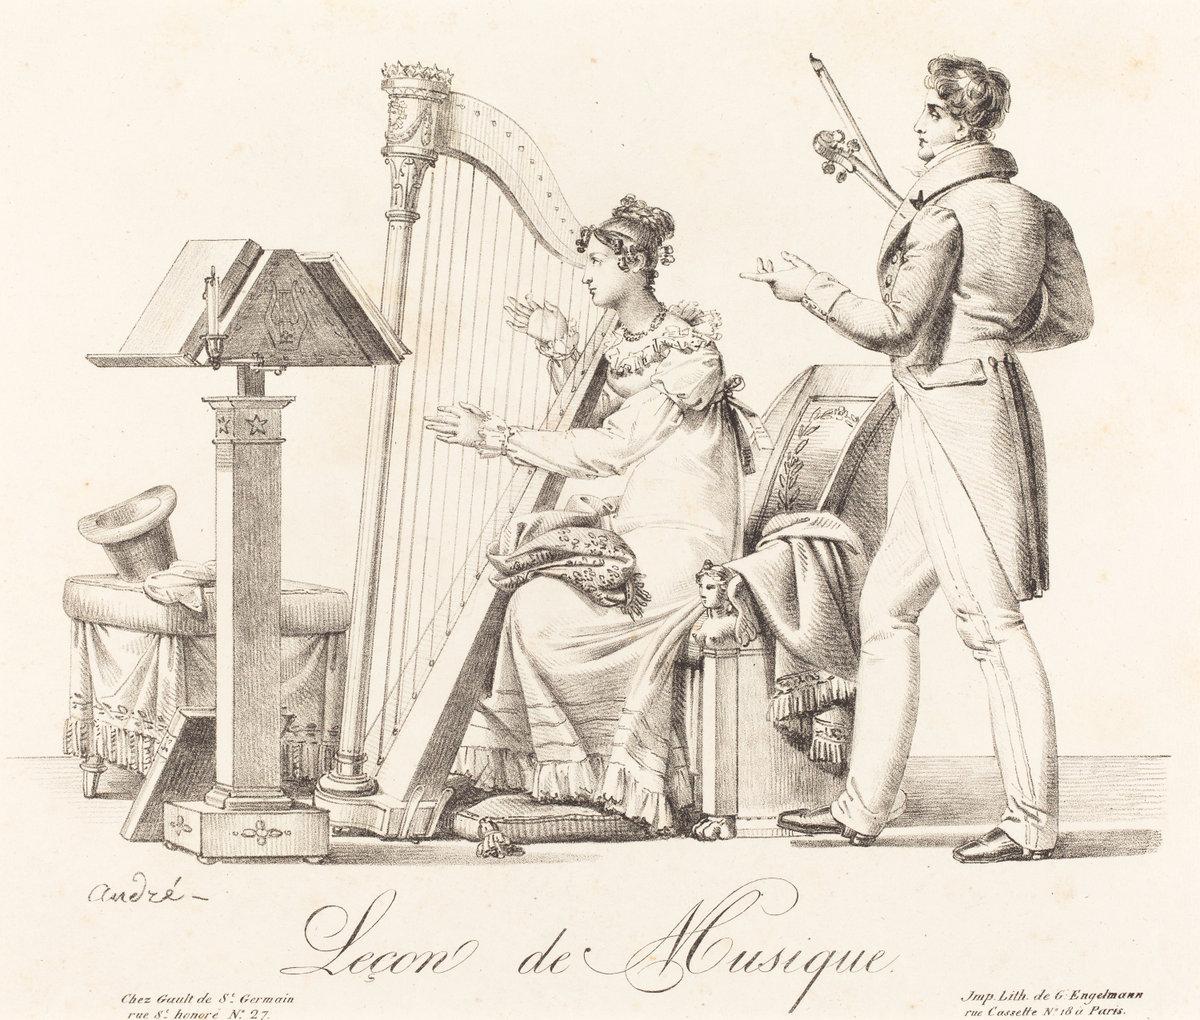 Andre-1818-avant-Lecon-de-musique-lithographie-Engelmann